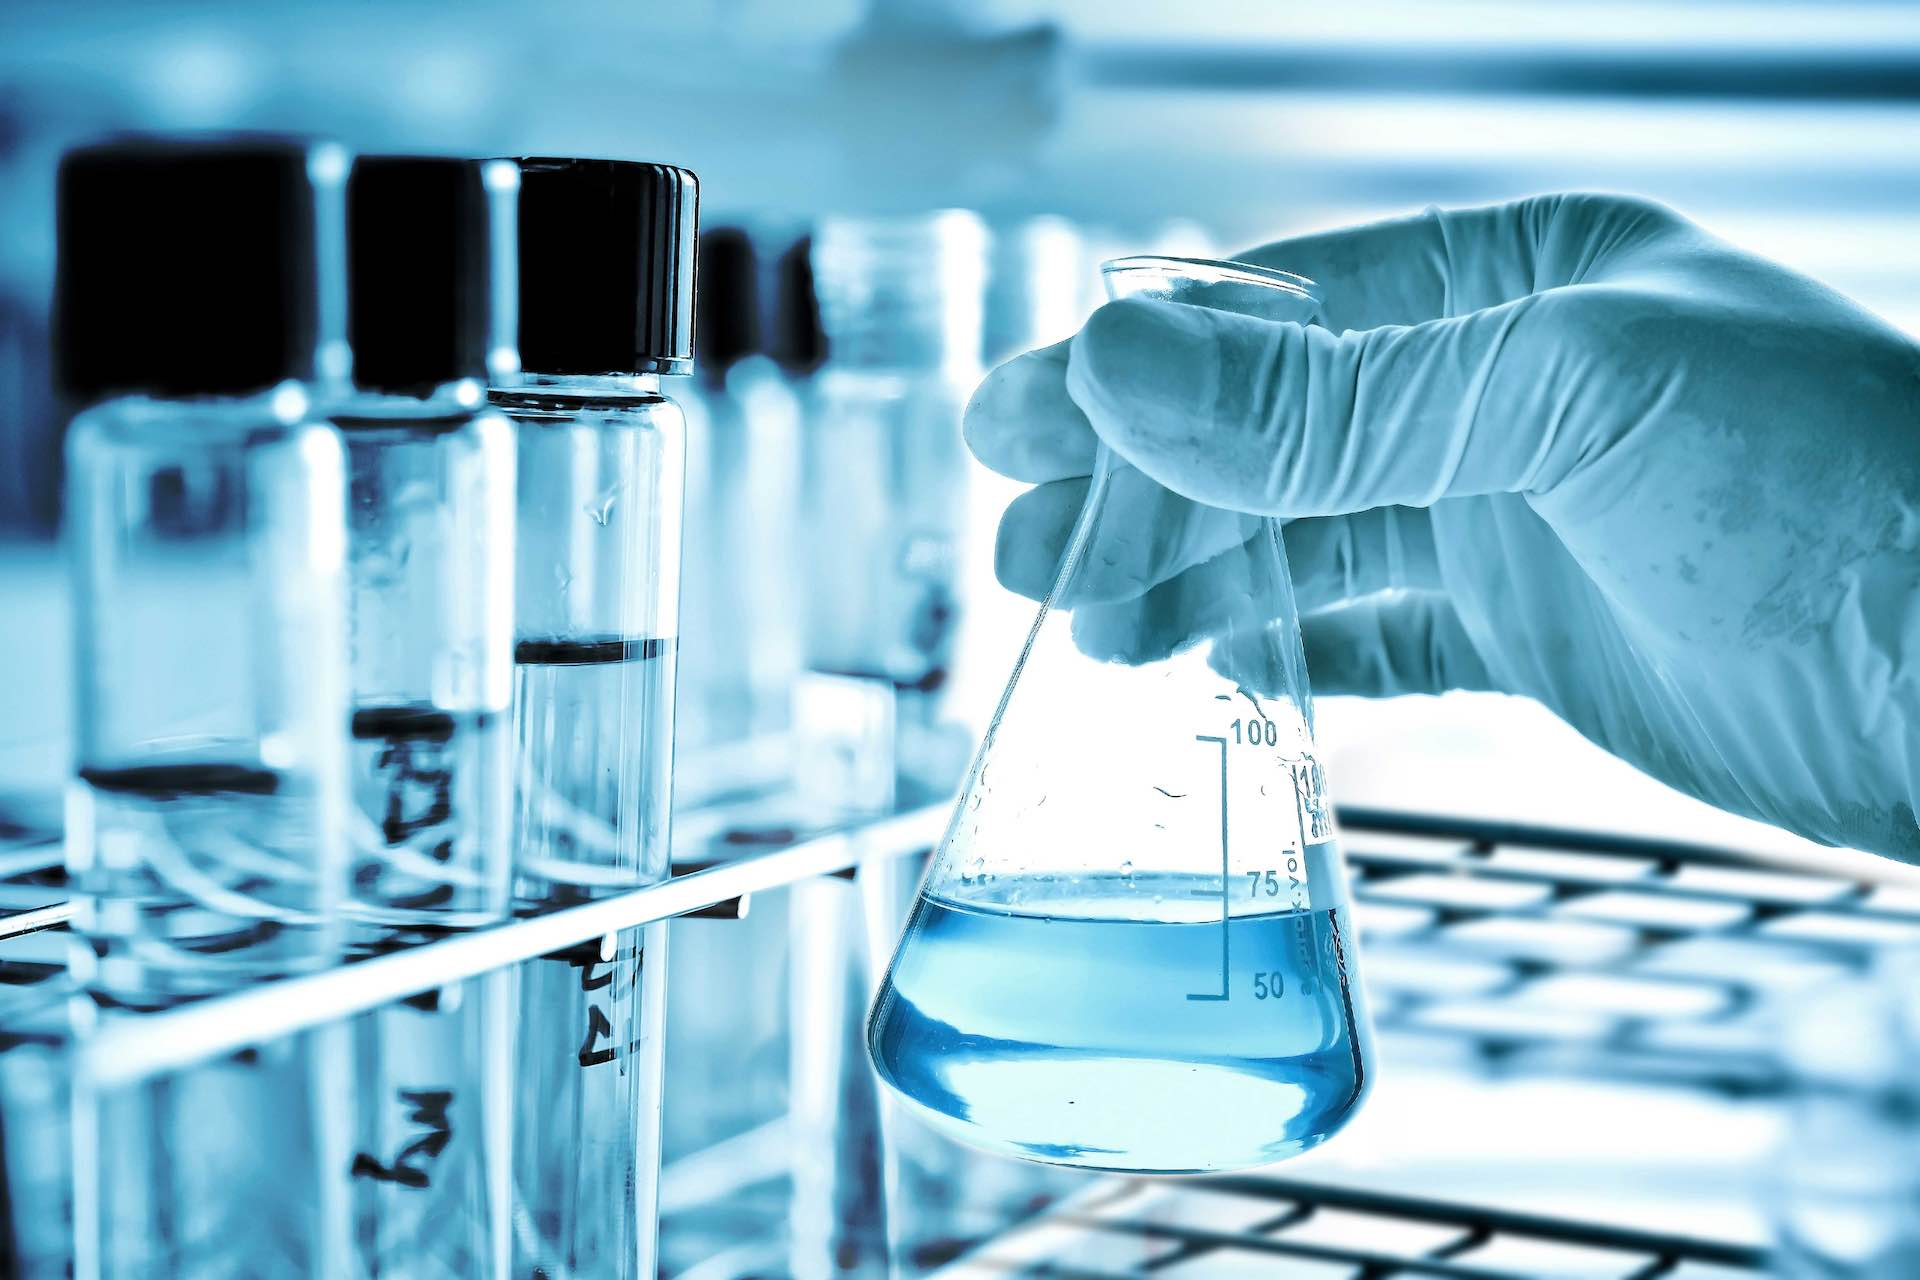 smeup soluzioni settore chimico